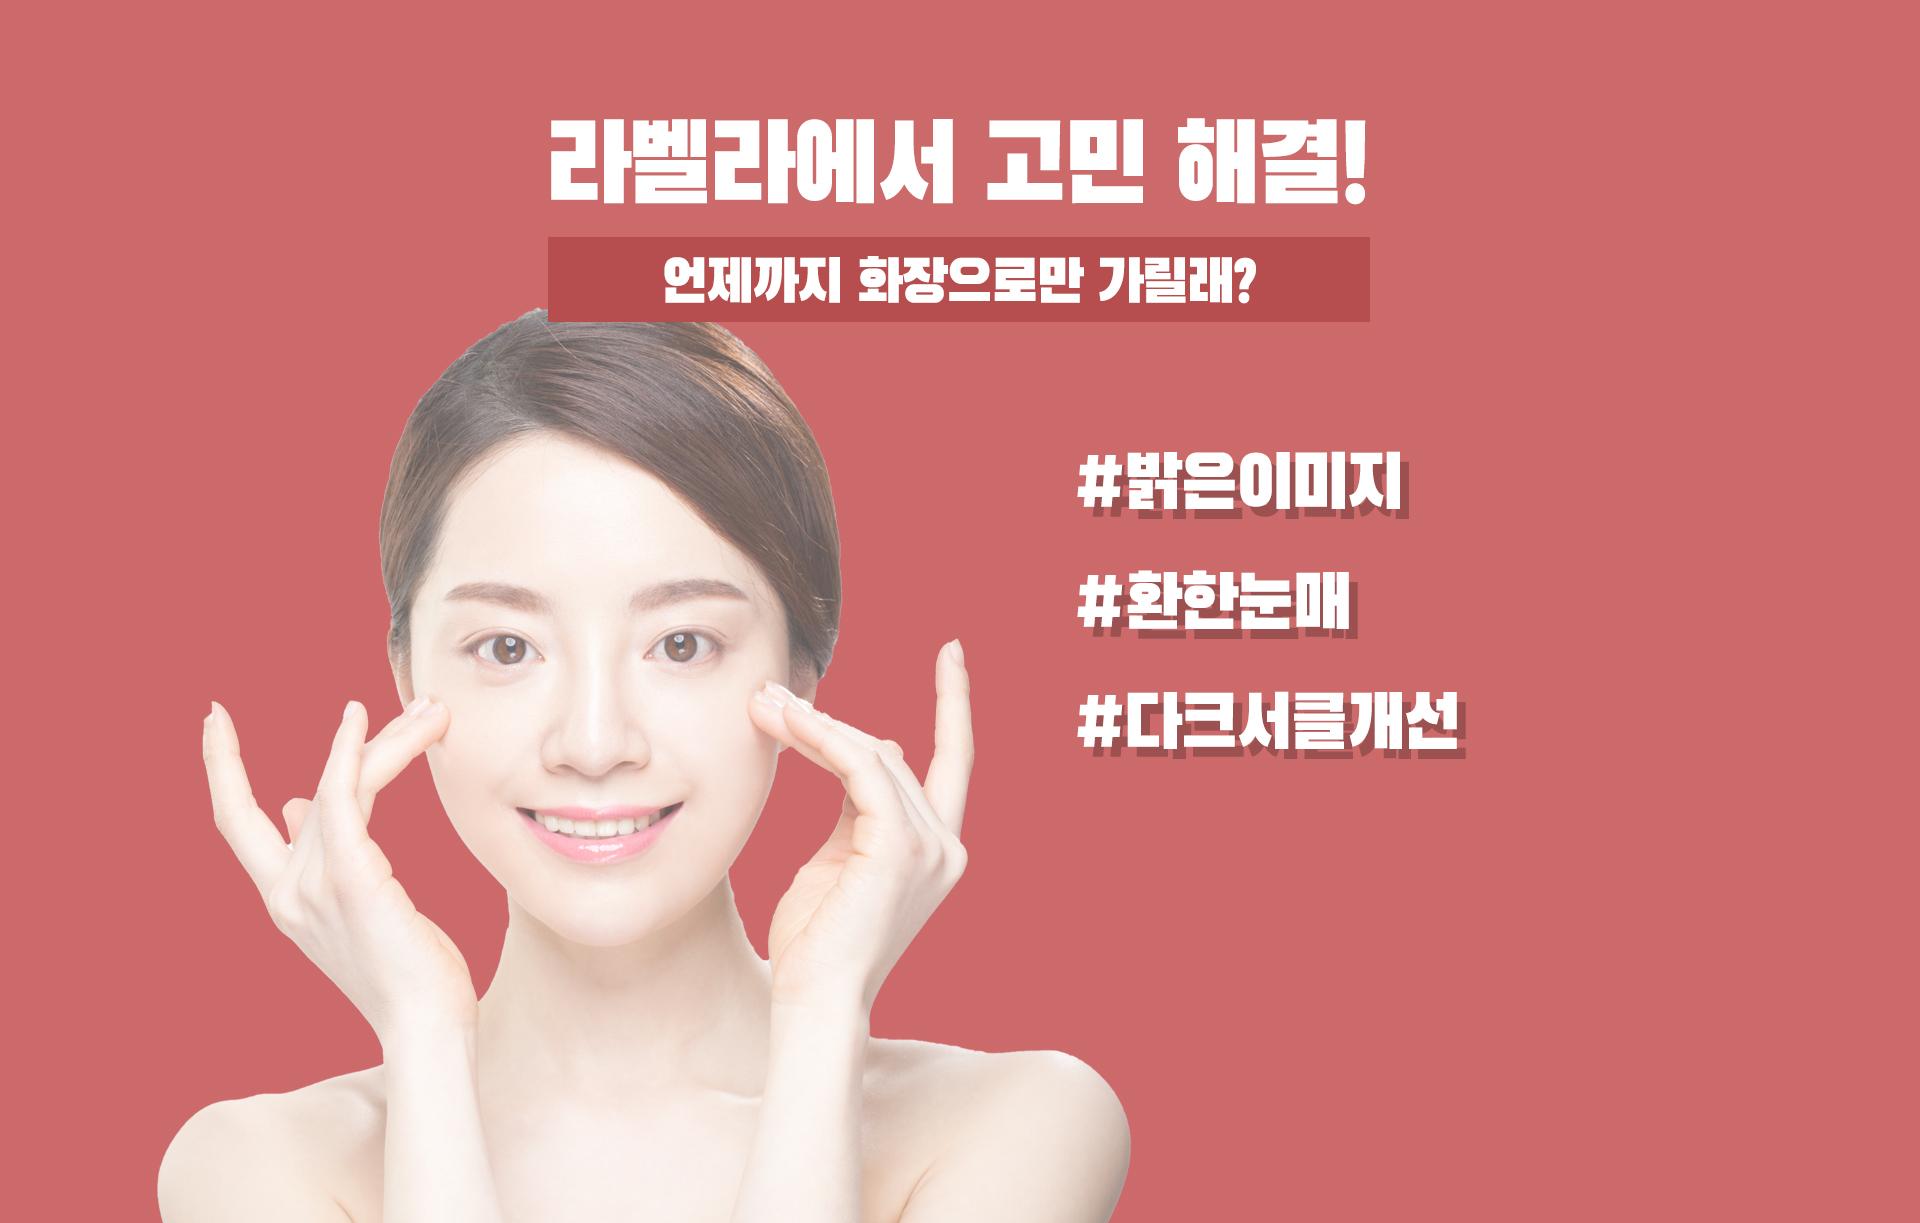 강남 신논현역 피부과 성형외과 라벨라 라벨라에서 고민 해결! 환한 눈매 다크서클 개선 밝은 이미지